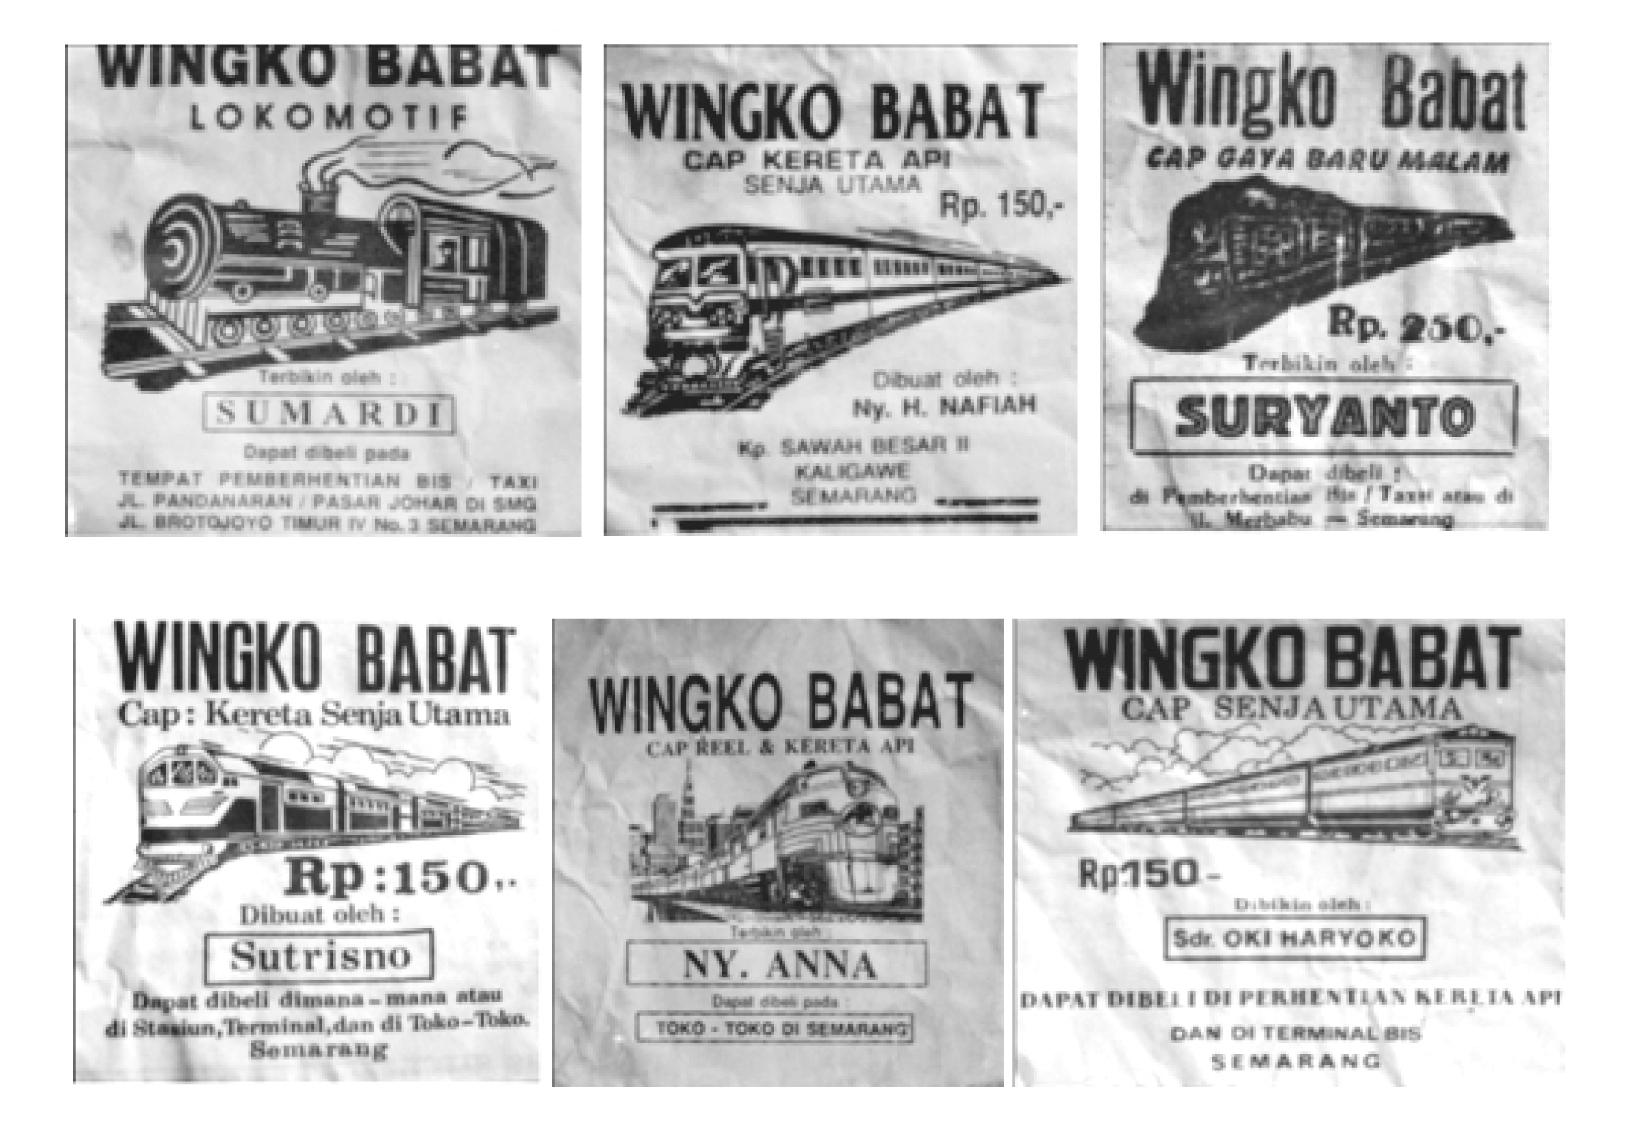 Merek-merek kemasan Wingko Babat bernuansa kereta api.  (Sumber: Afnita, 2010:102)